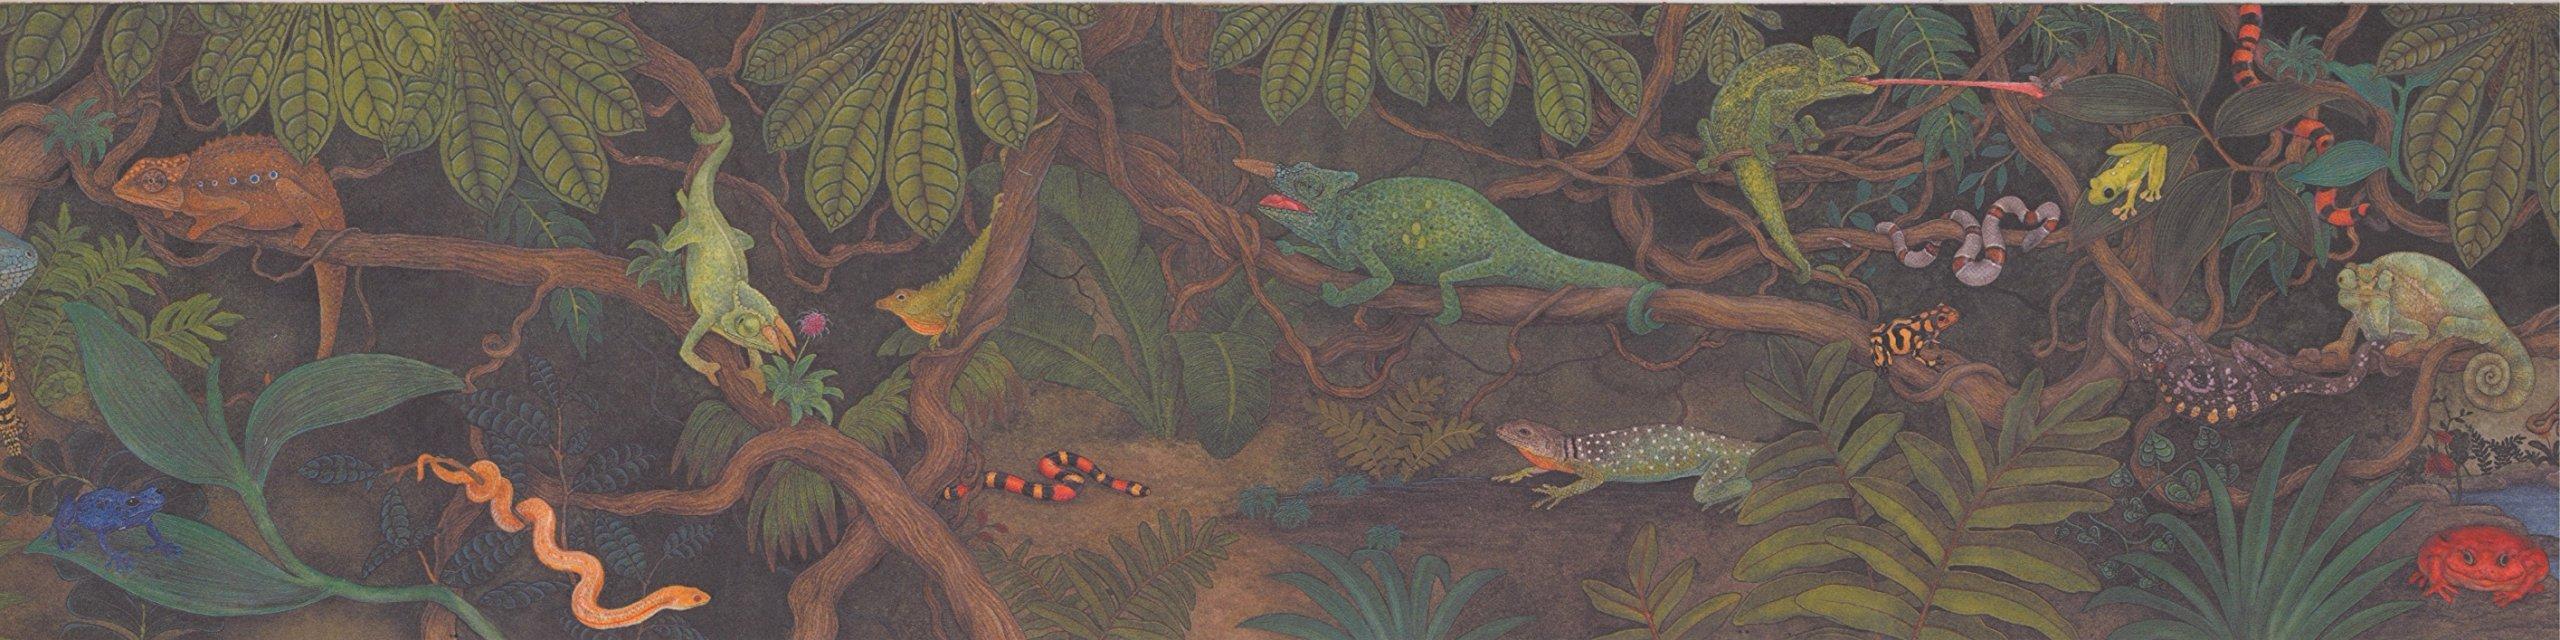 Wallpaper Border - Reptiles Wallpaper Border 3060 CA